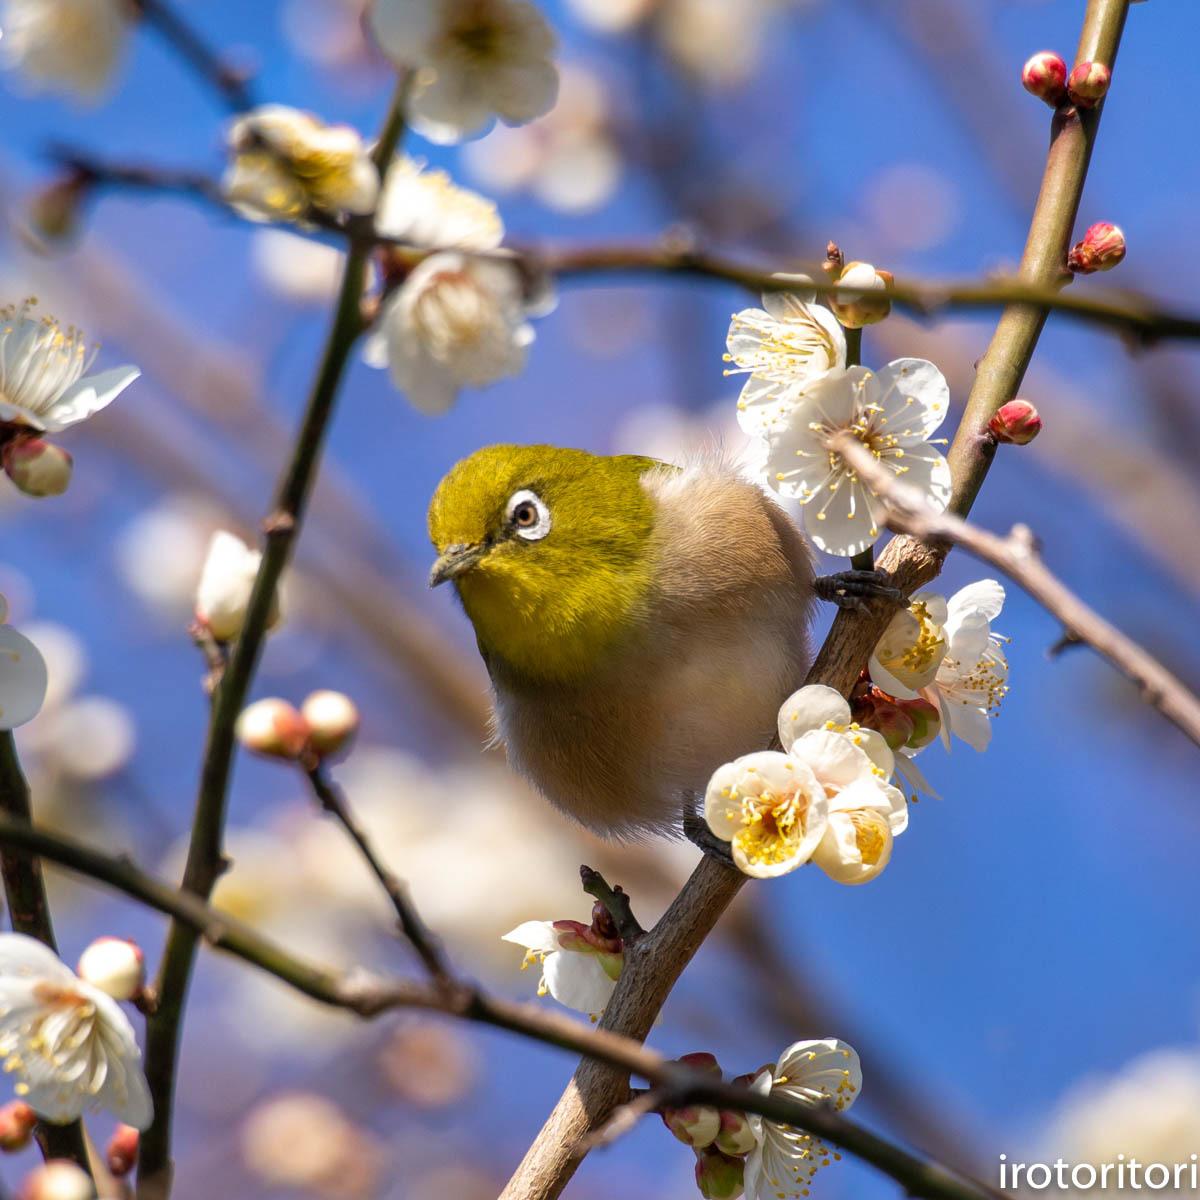 梅が咲いてました〜!!  (メジロ)  2020/02/08_d0146592_01172288.jpg